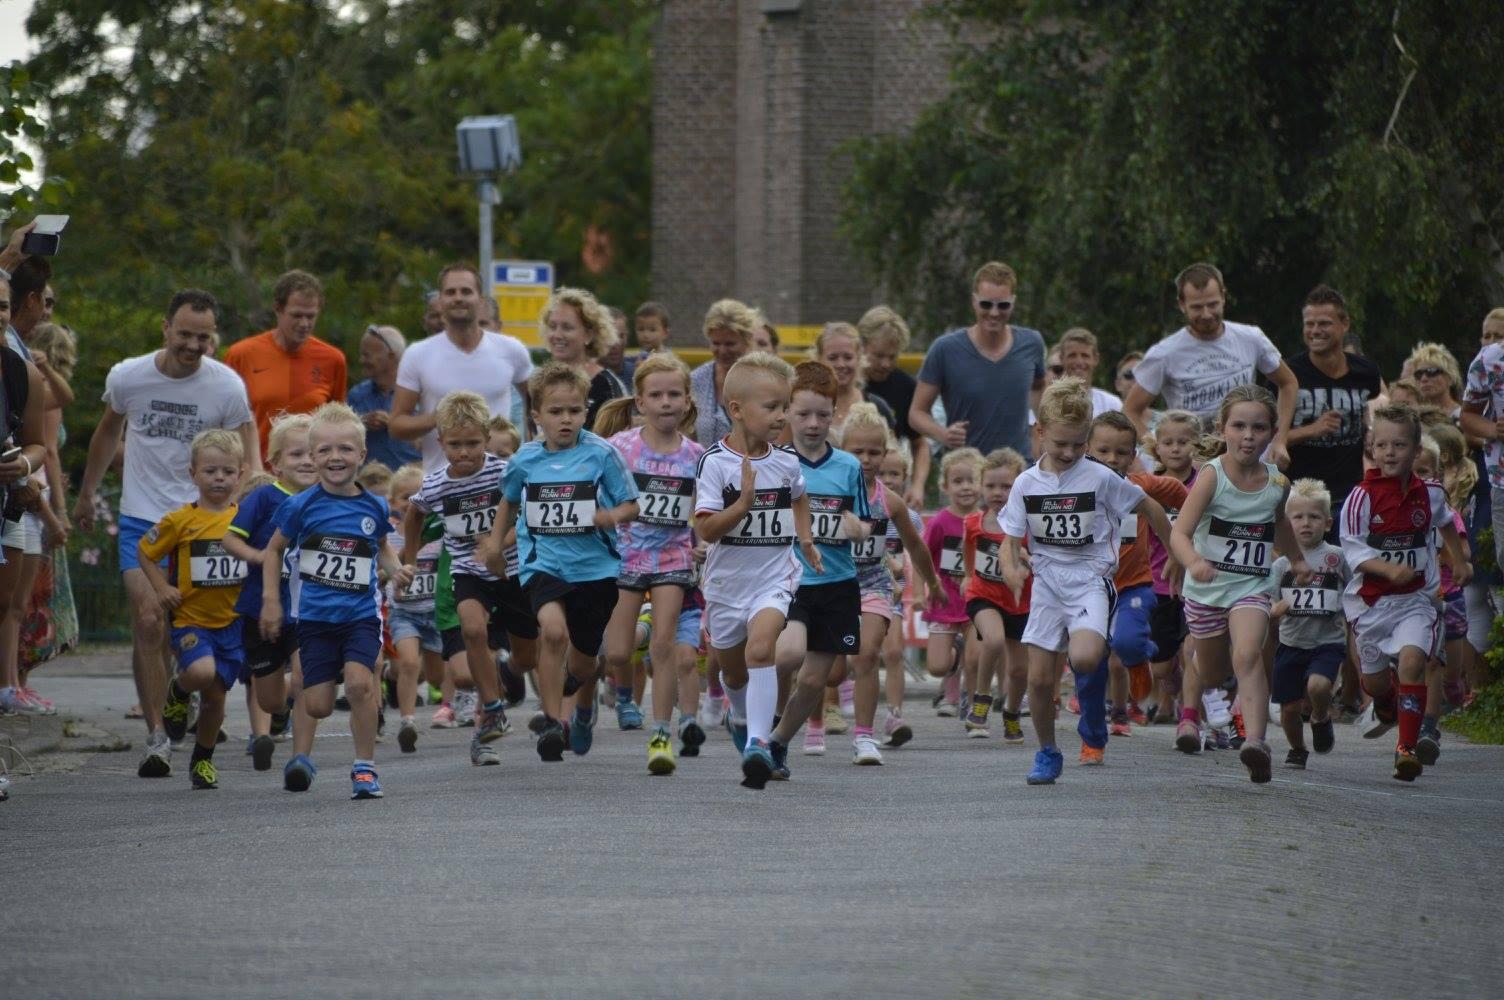 De stratenloop start met de allerjongsten van vier en vijf jaar oud. (Foto: aangeleverd)